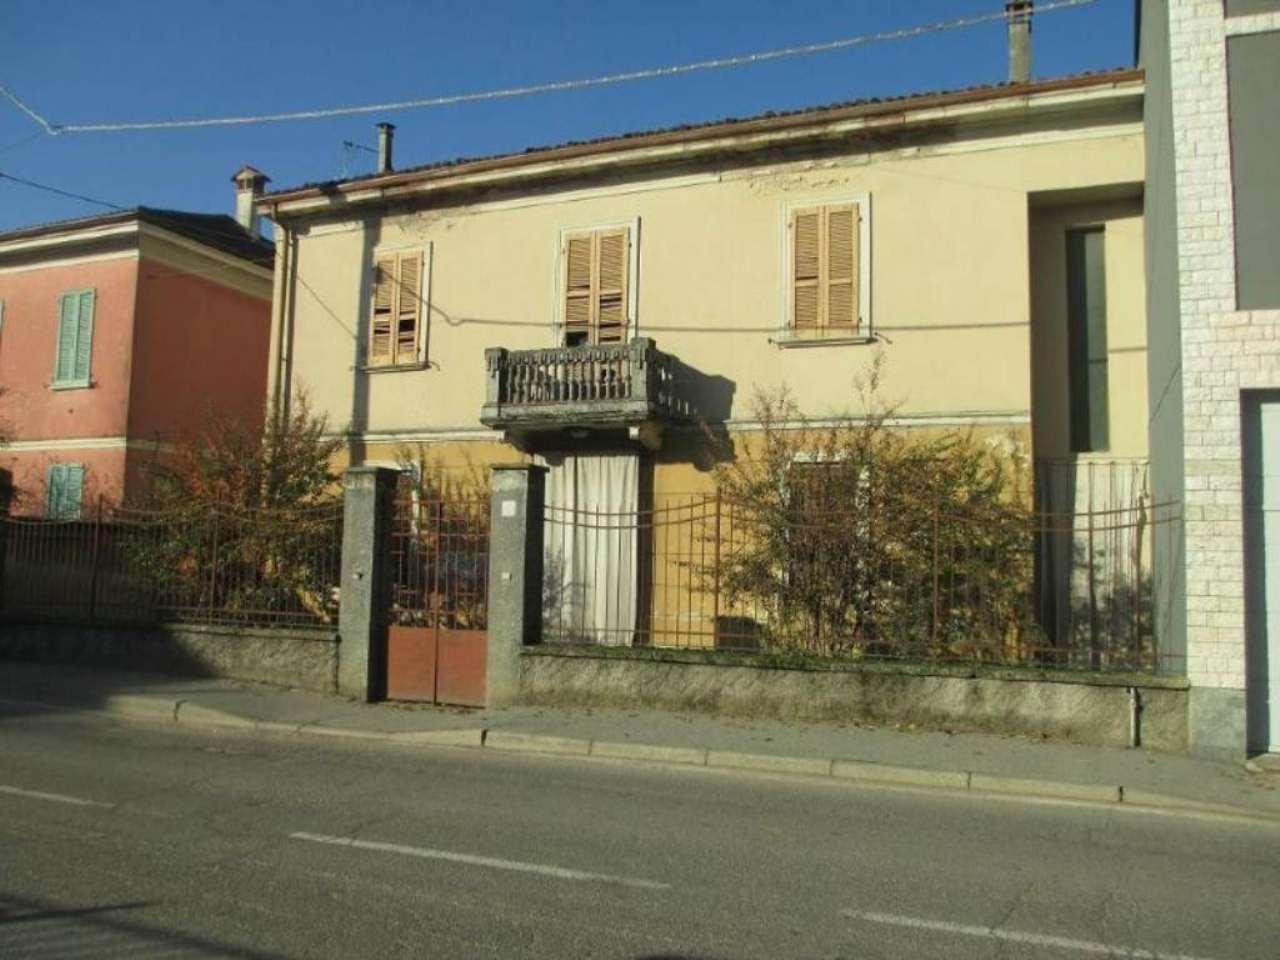 Soluzione Indipendente in vendita a Annicco, 5 locali, prezzo € 230.000 | CambioCasa.it